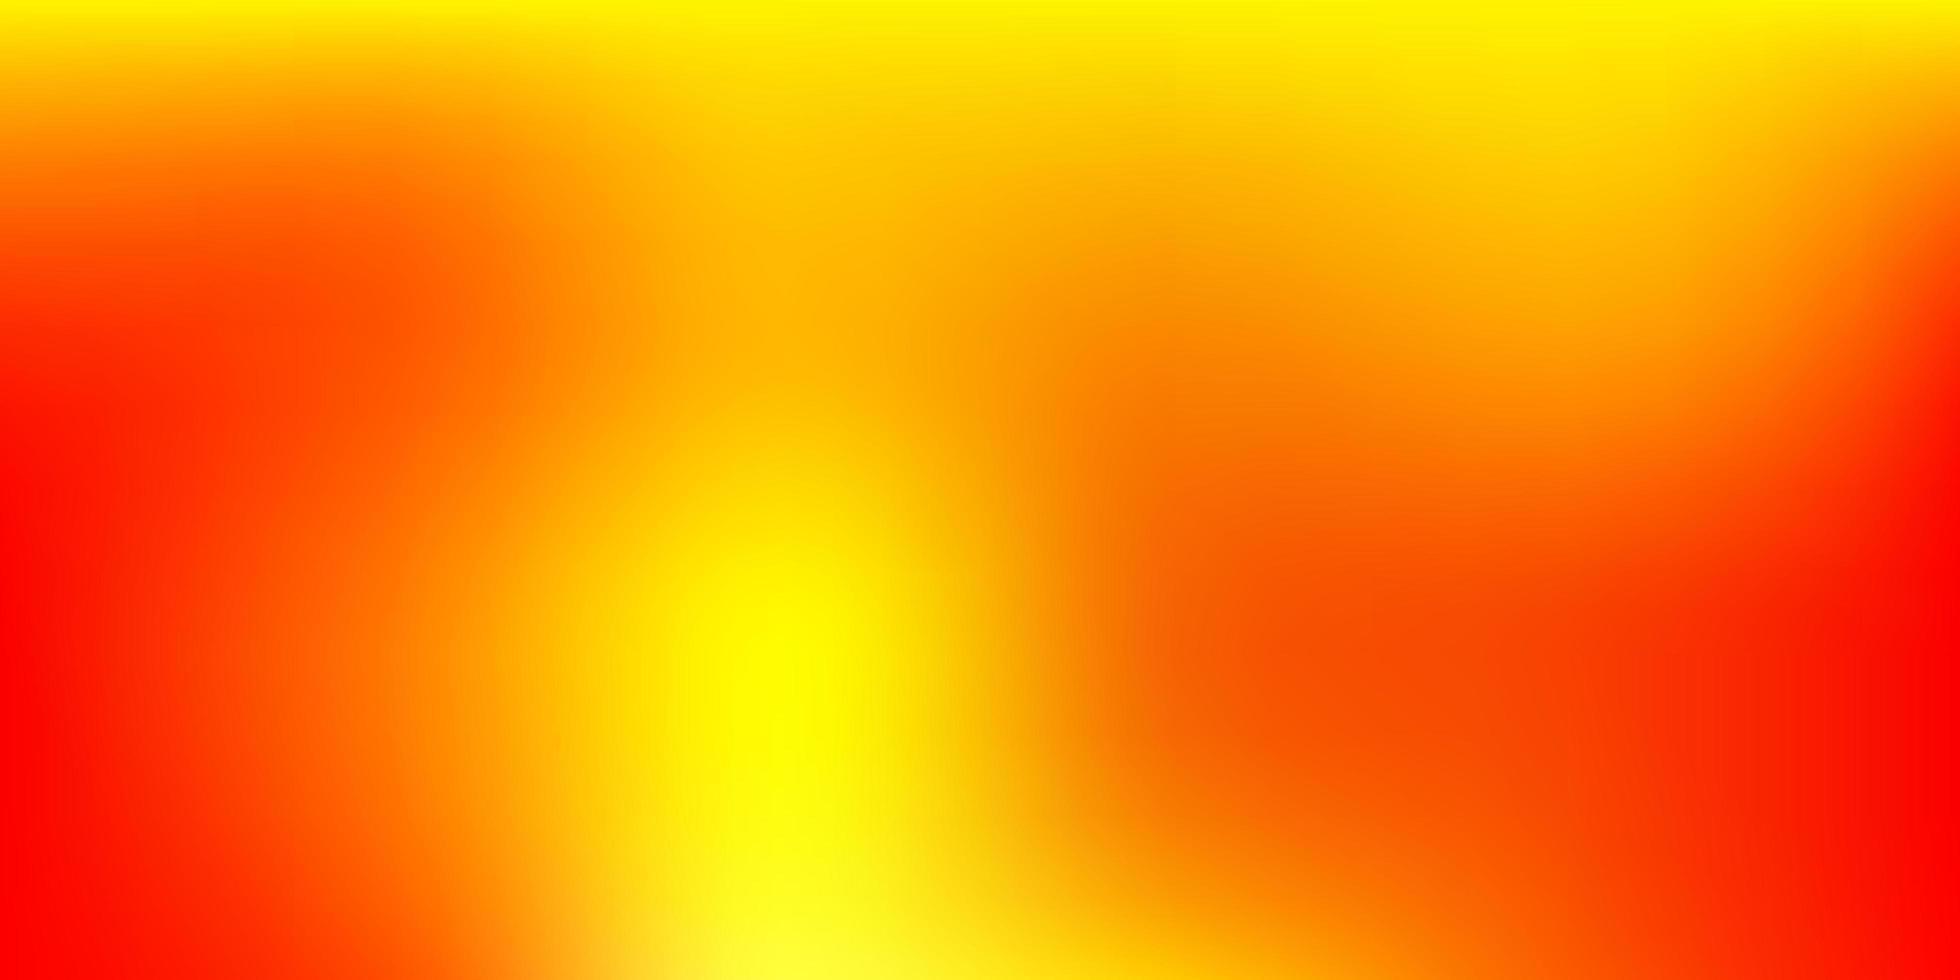 luz laranja vetor abstrato desfoque padrão.